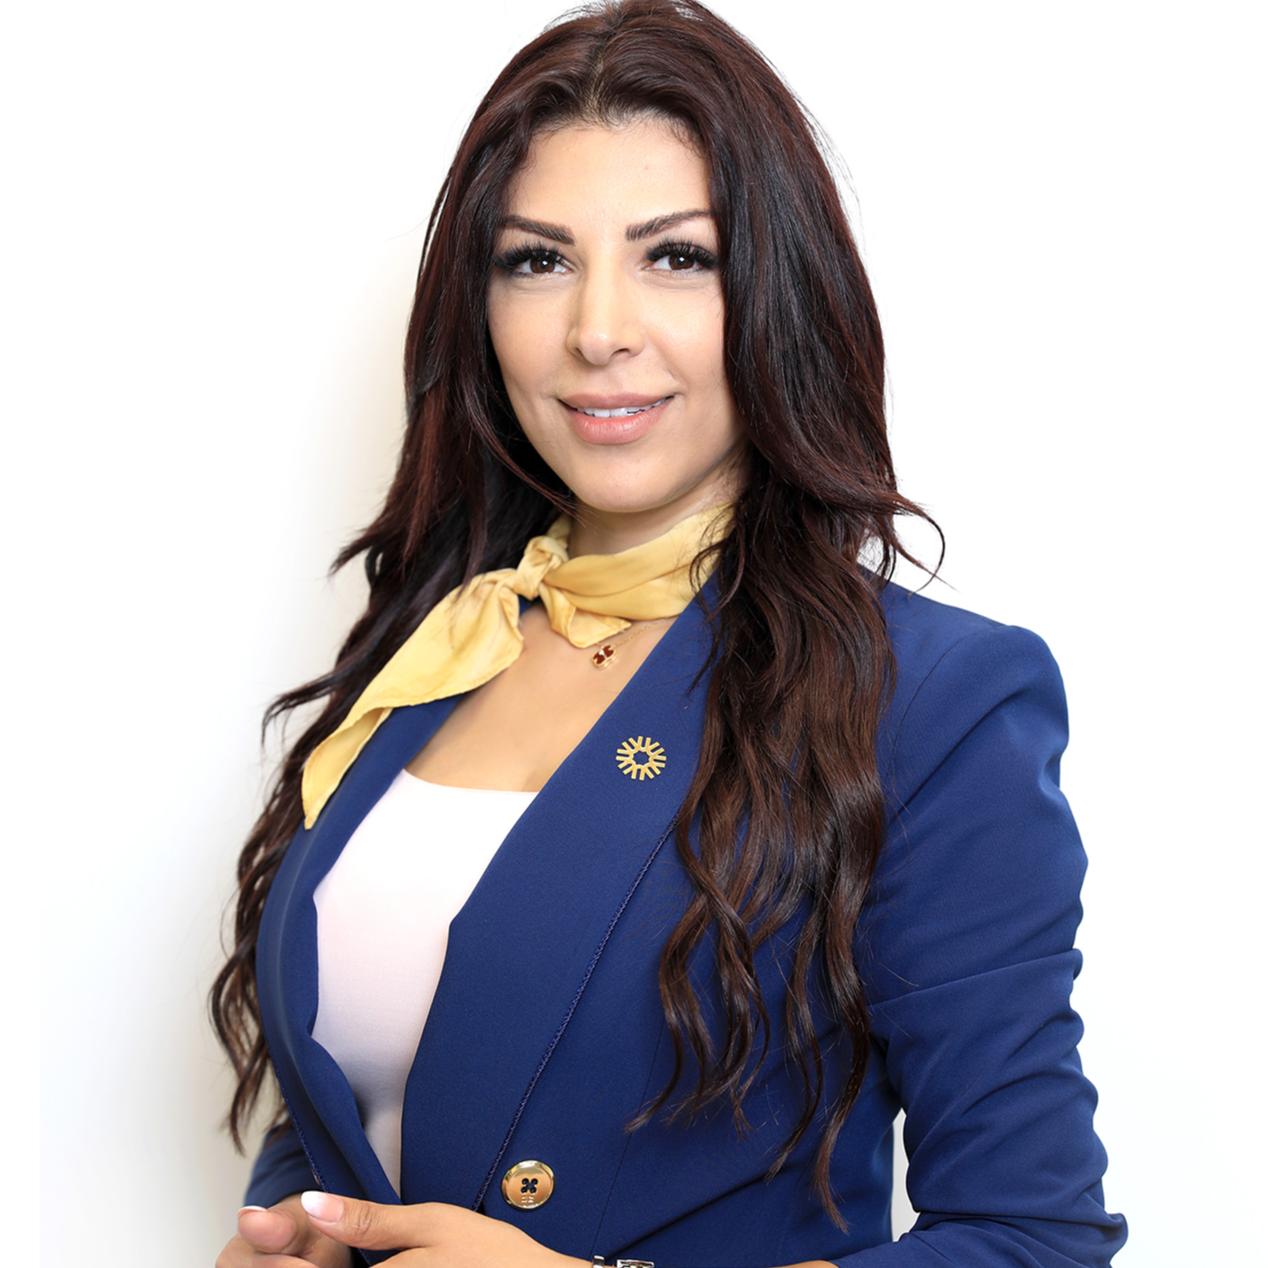 Safaa Aljanidee